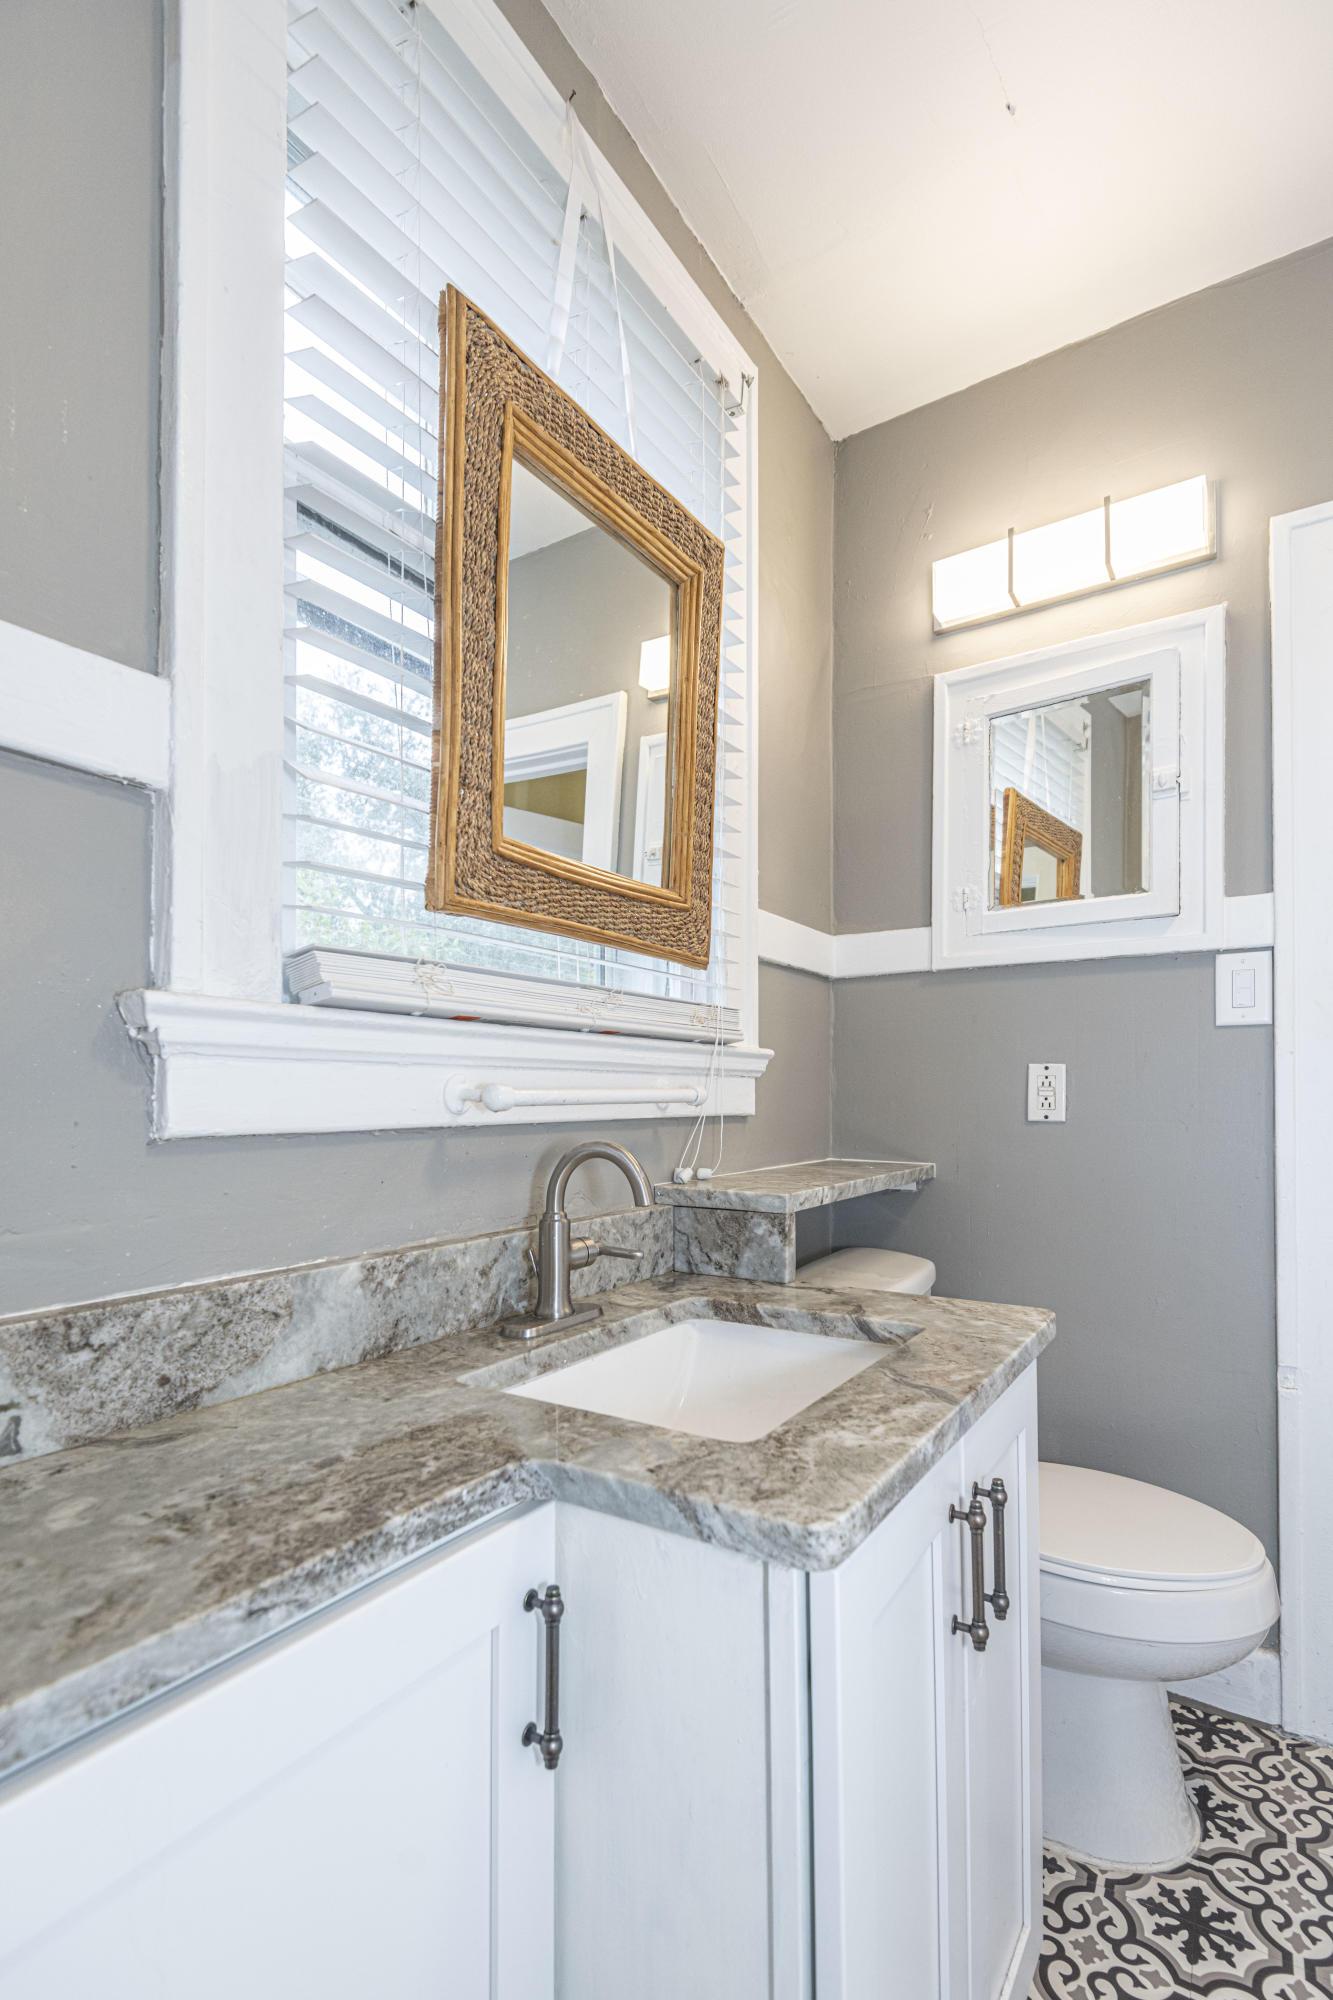 Radcliffeborough Condos For Sale - 24 Thomas, Charleston, SC - 7